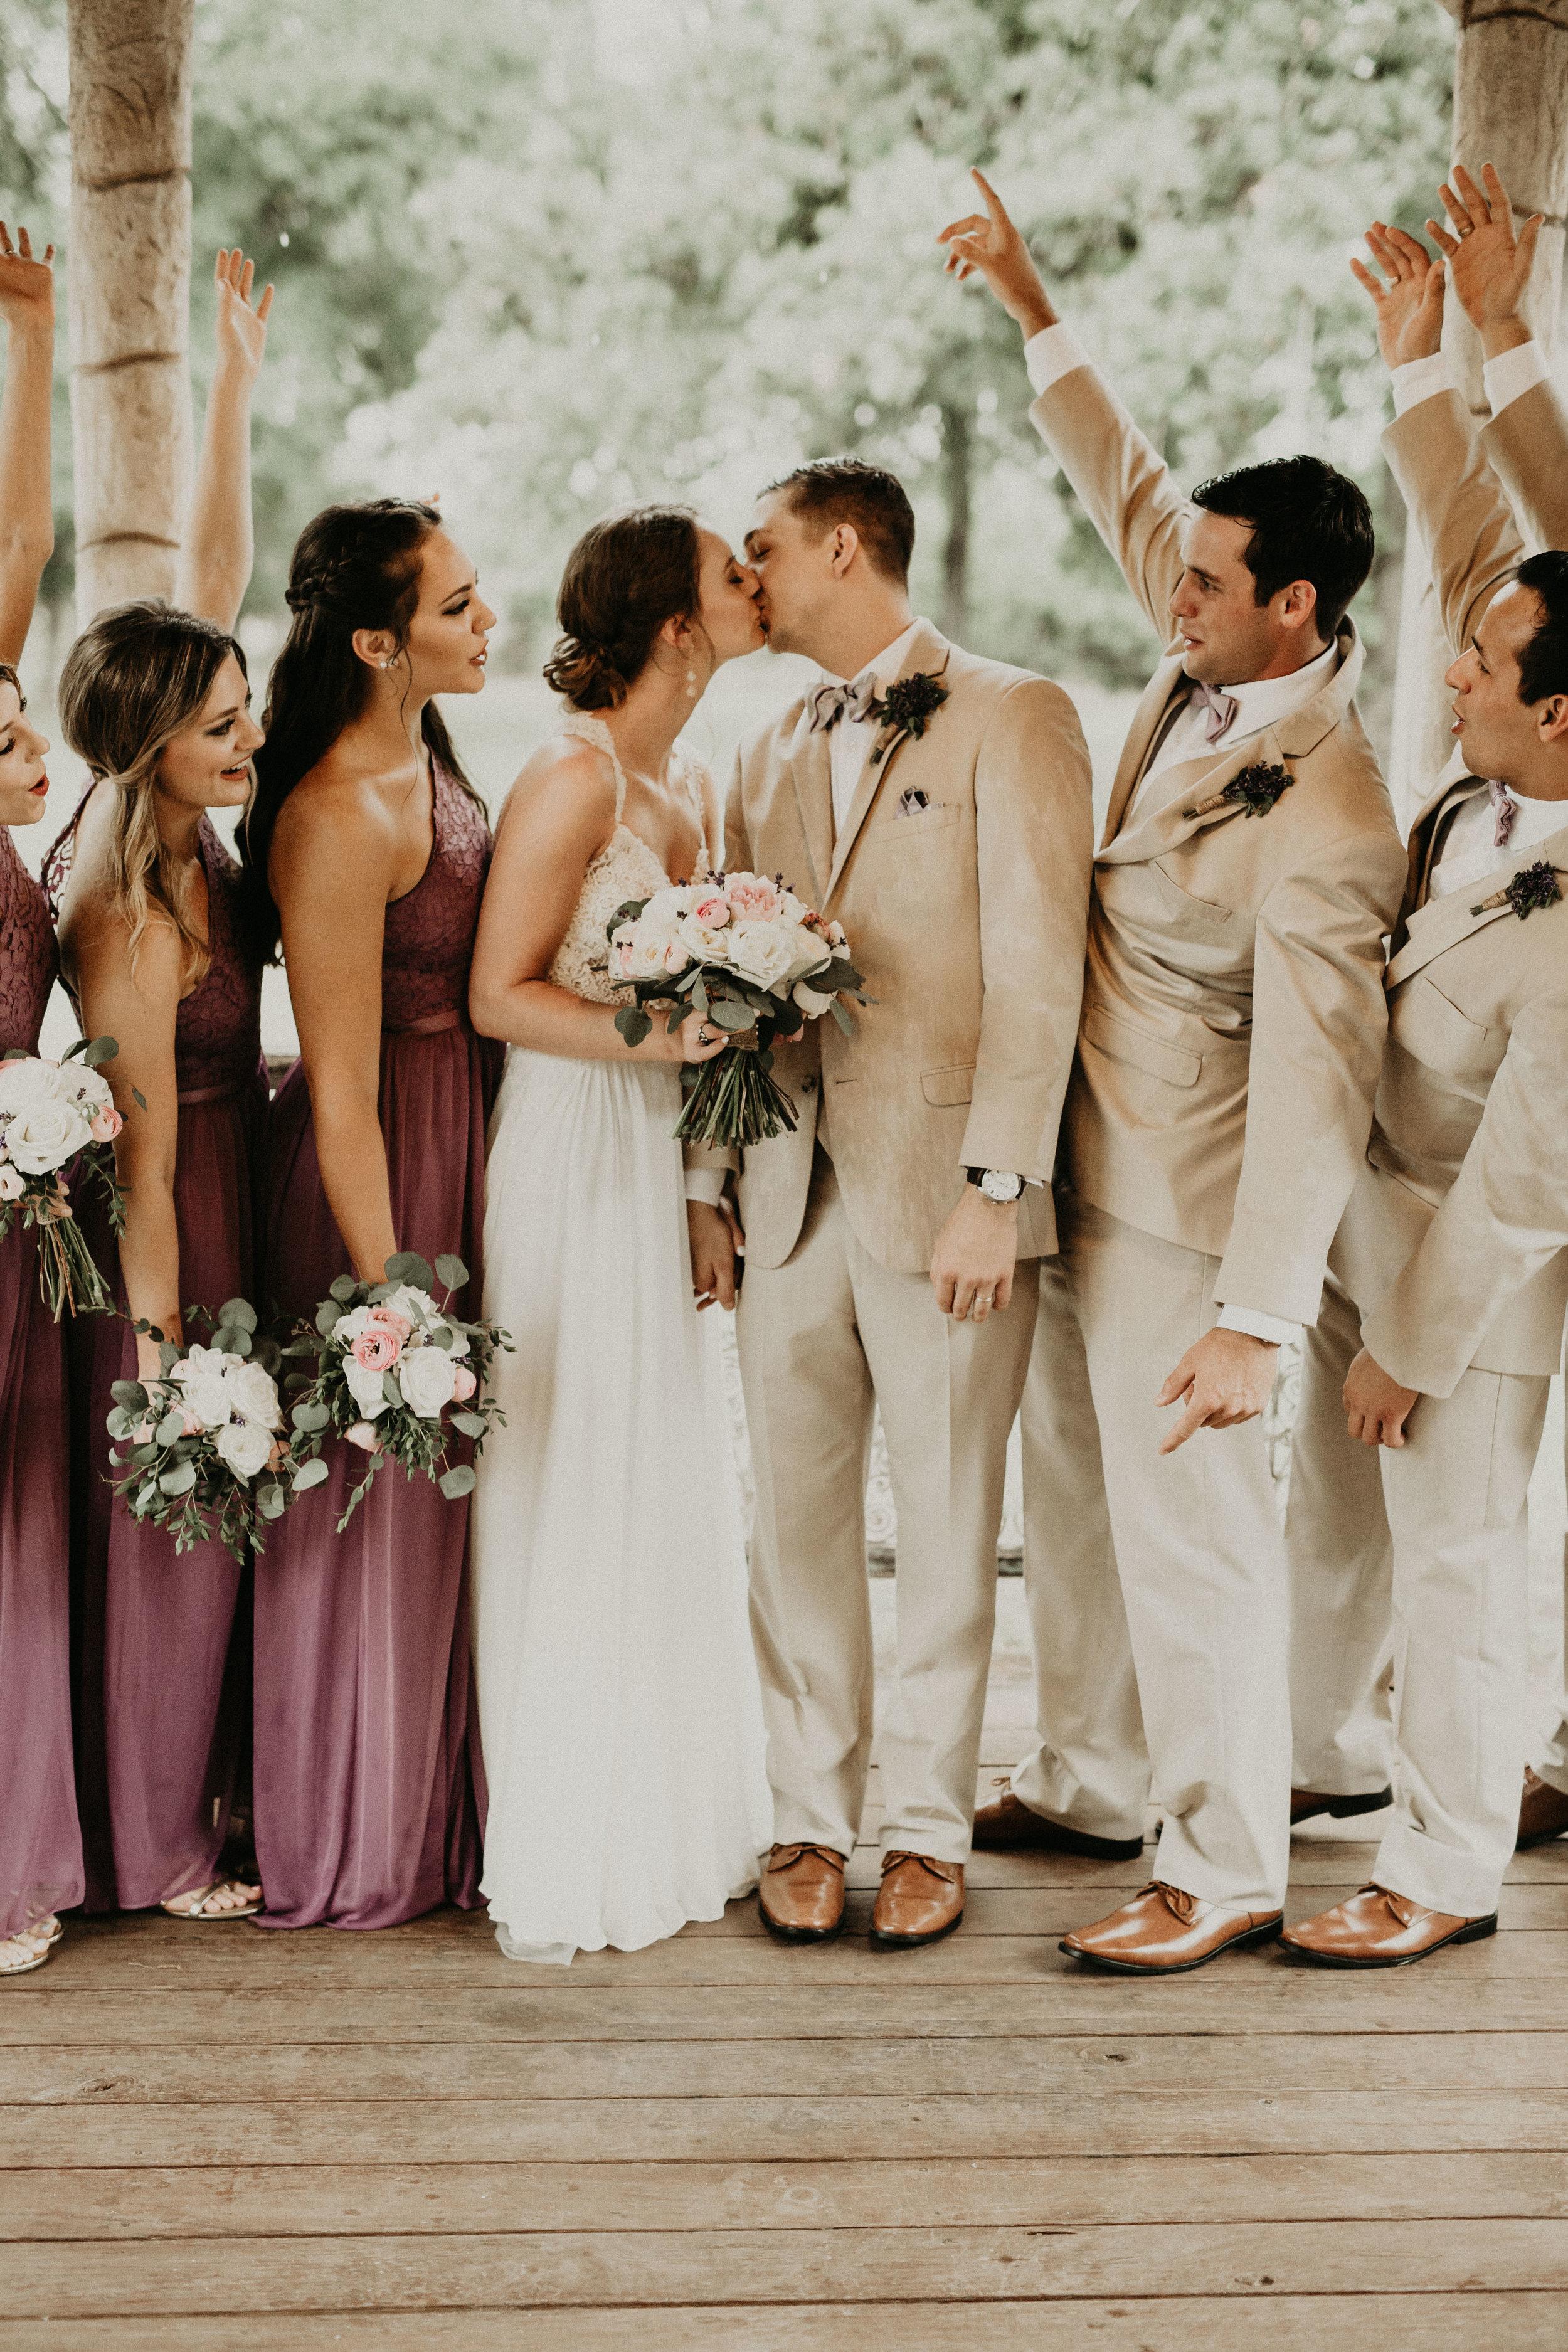 HAILEY-TIM-wedding-photographer-kindred-oaks-texas-395.jpg